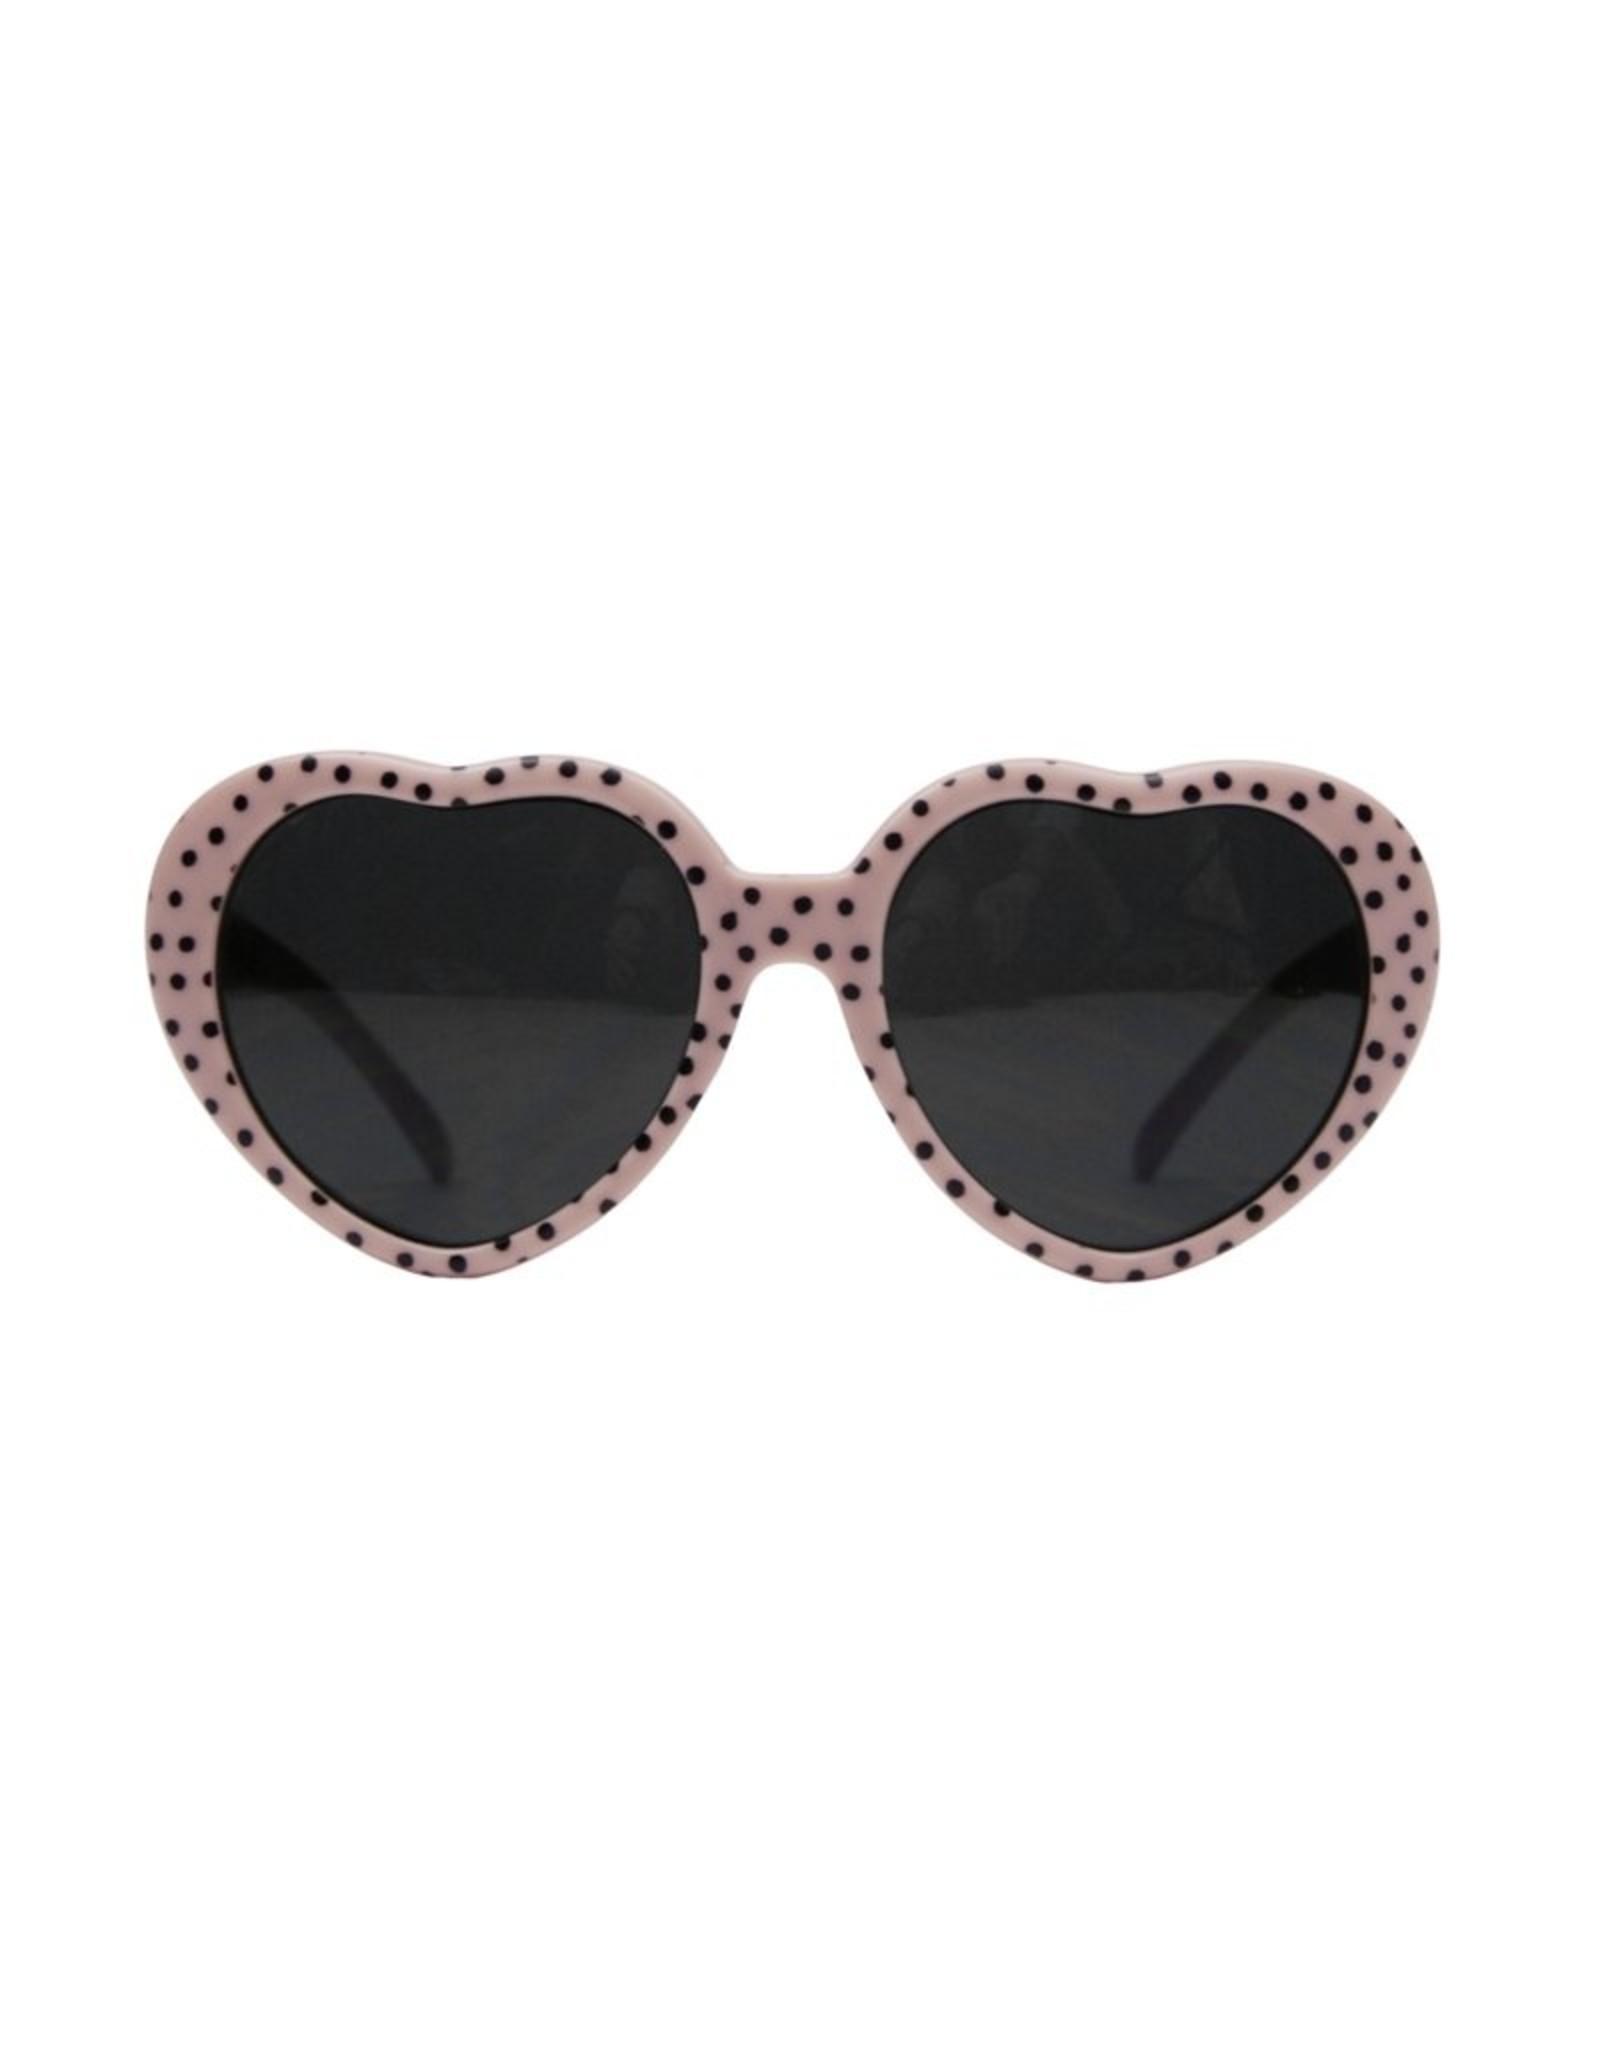 Van Pauline Sunnies junior - heart pink dots